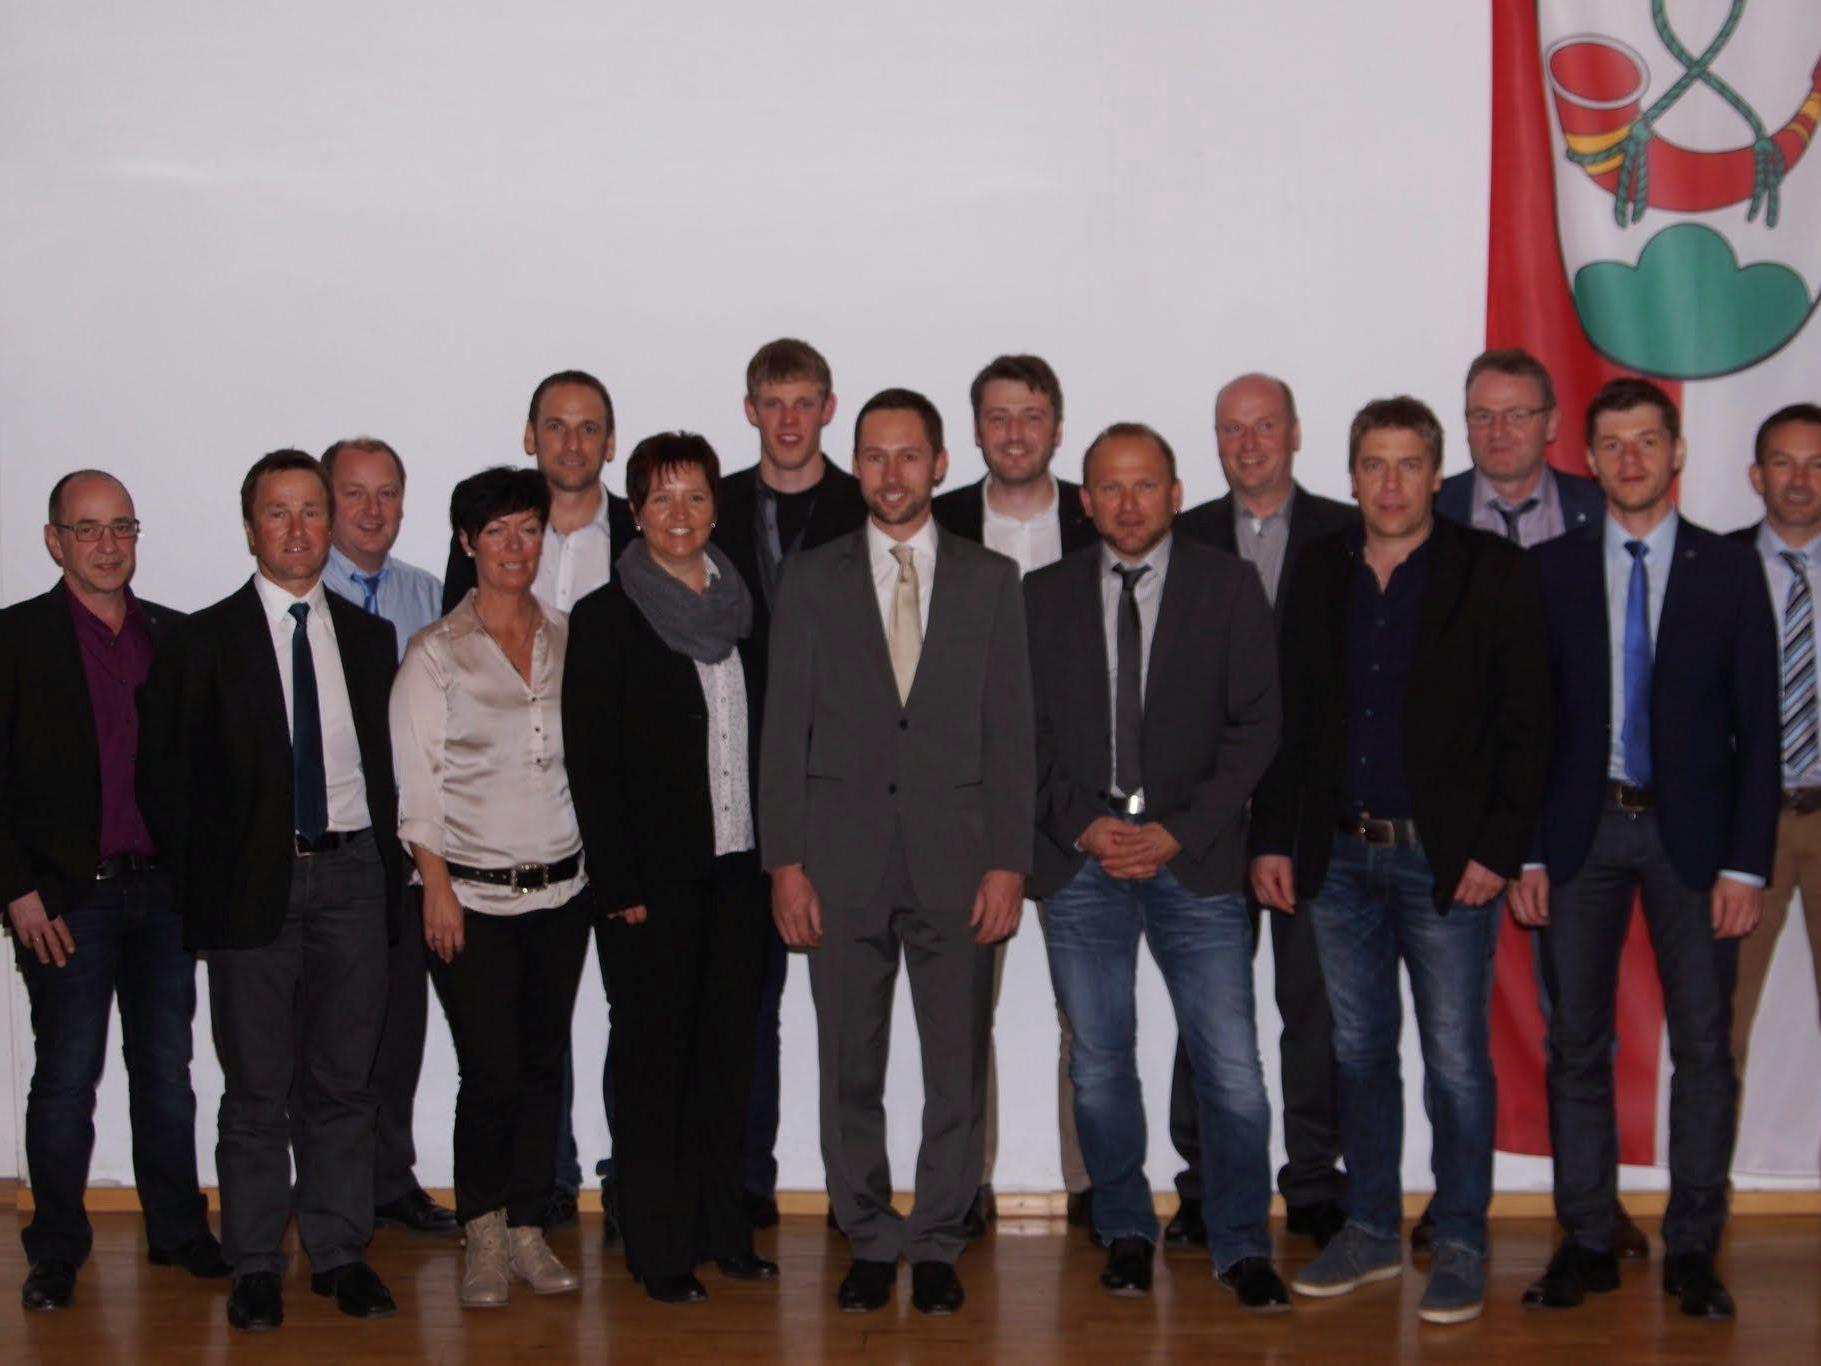 Die neue Riefensberger Gemeindevertretung mit Bürgermeister Ulrich Schmelzenbach (Bildmitte).